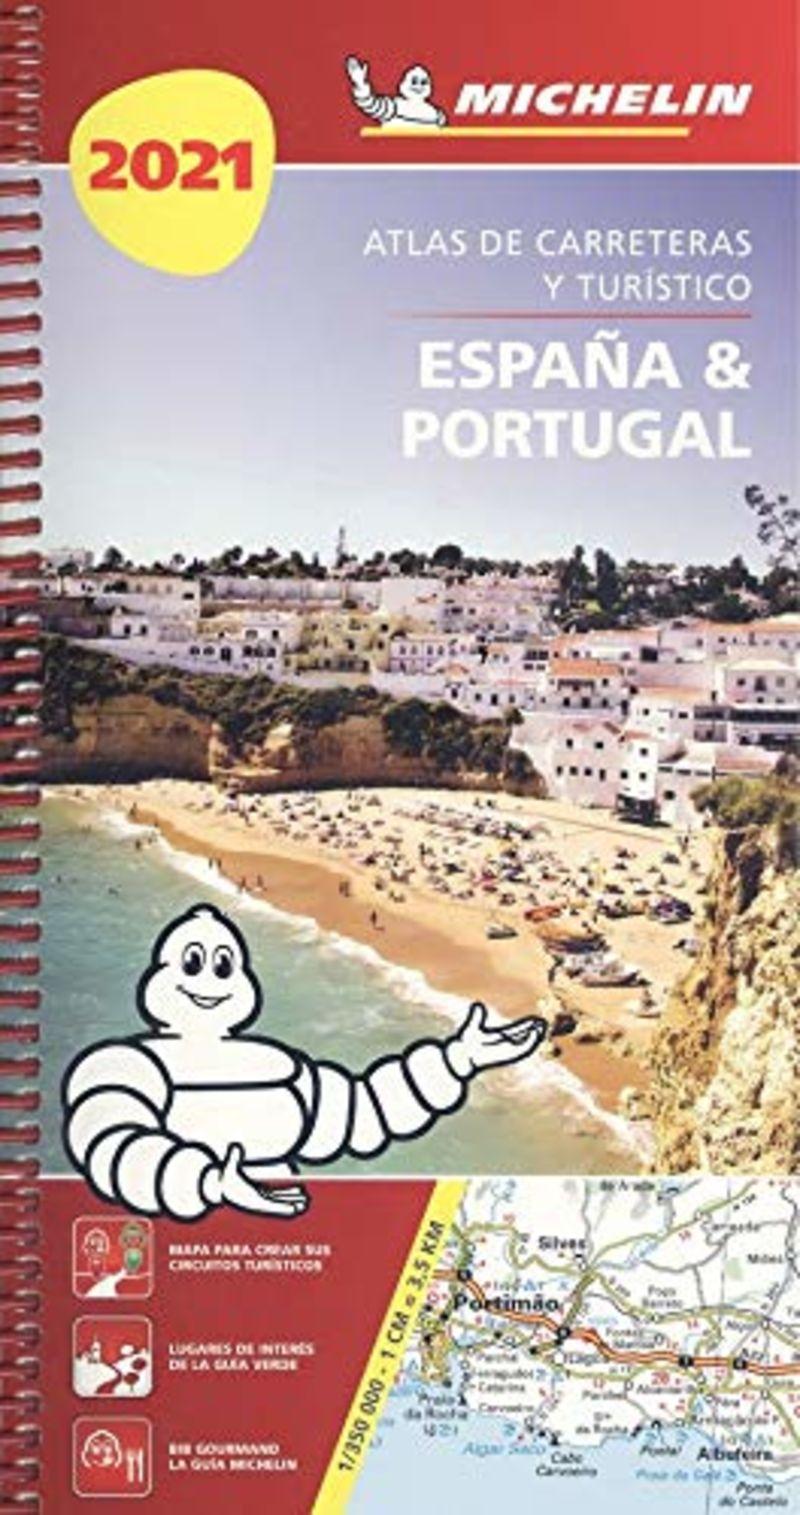 ATLAS DE CARRETERAS Y TURISTICO ESPAÑA & PORTUGAL 4464 (2021)